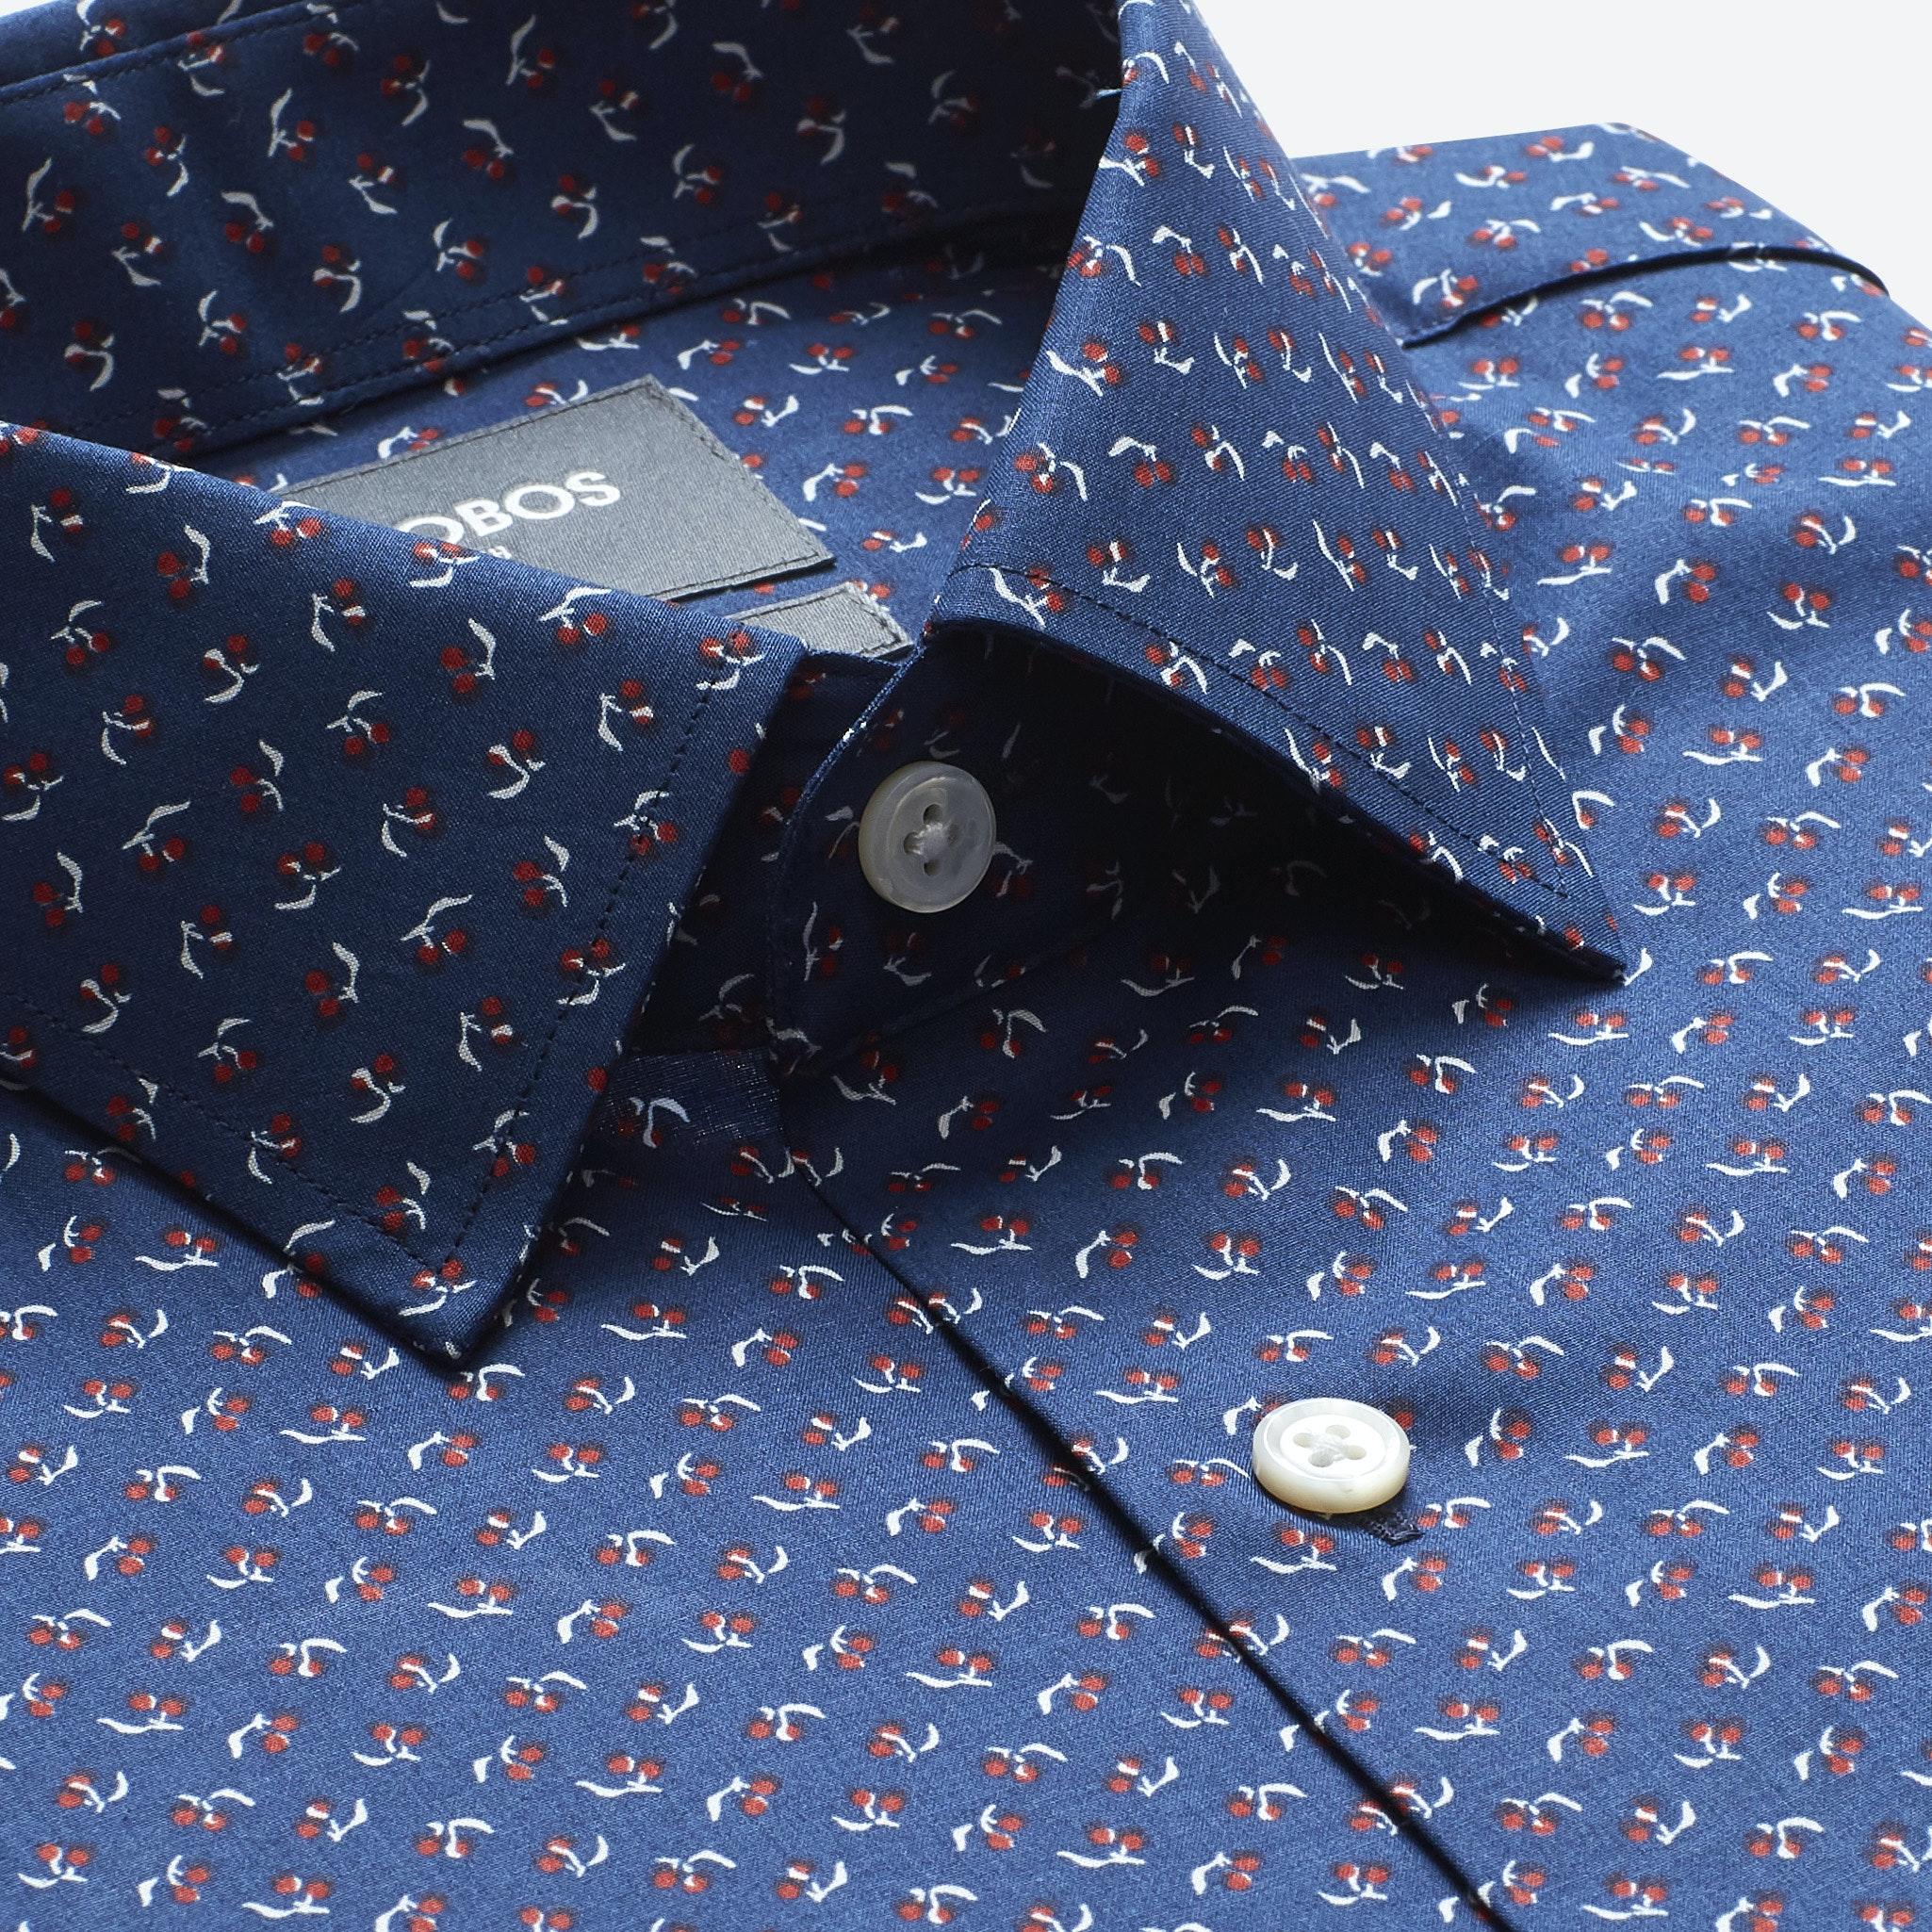 Jetsetter Short Sleeve Dress Shirt